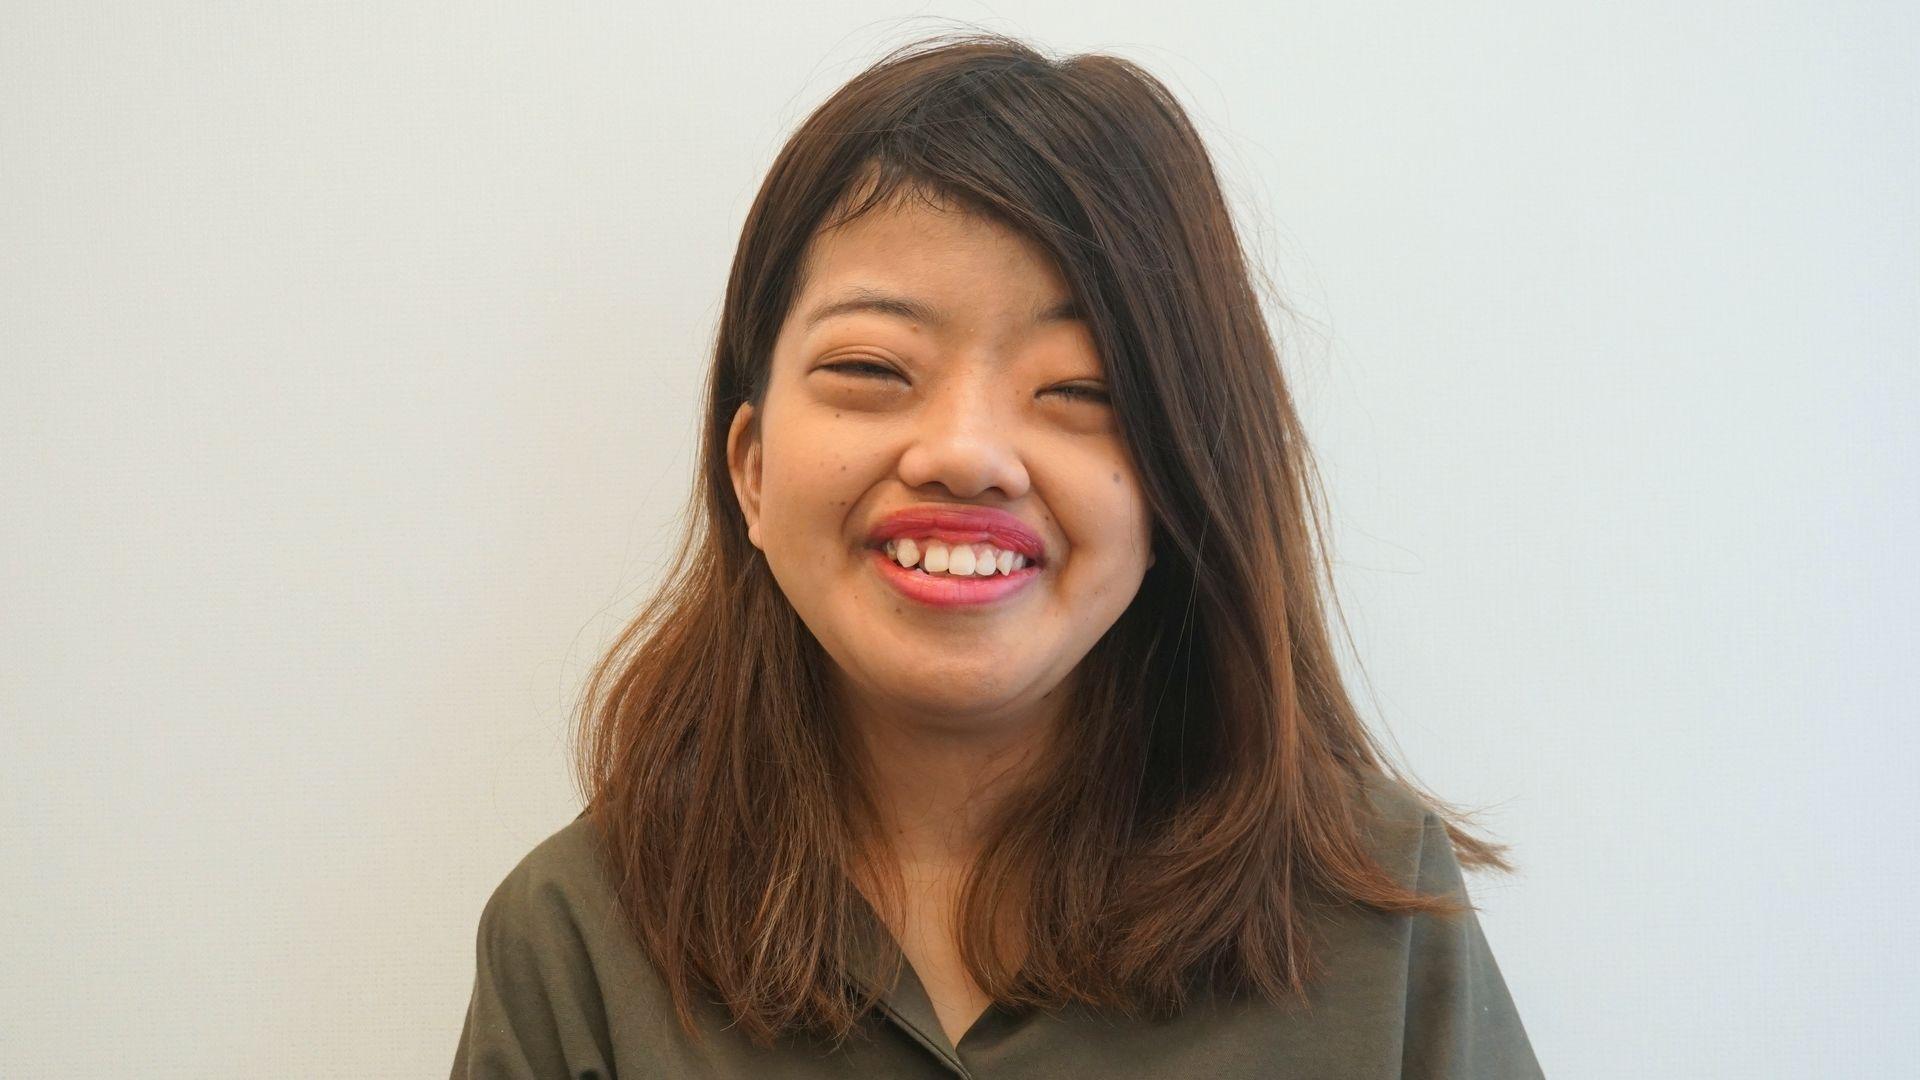 「東京に出てきてから、今一番楽しいと感じています!」先輩社員/井元沙織 様